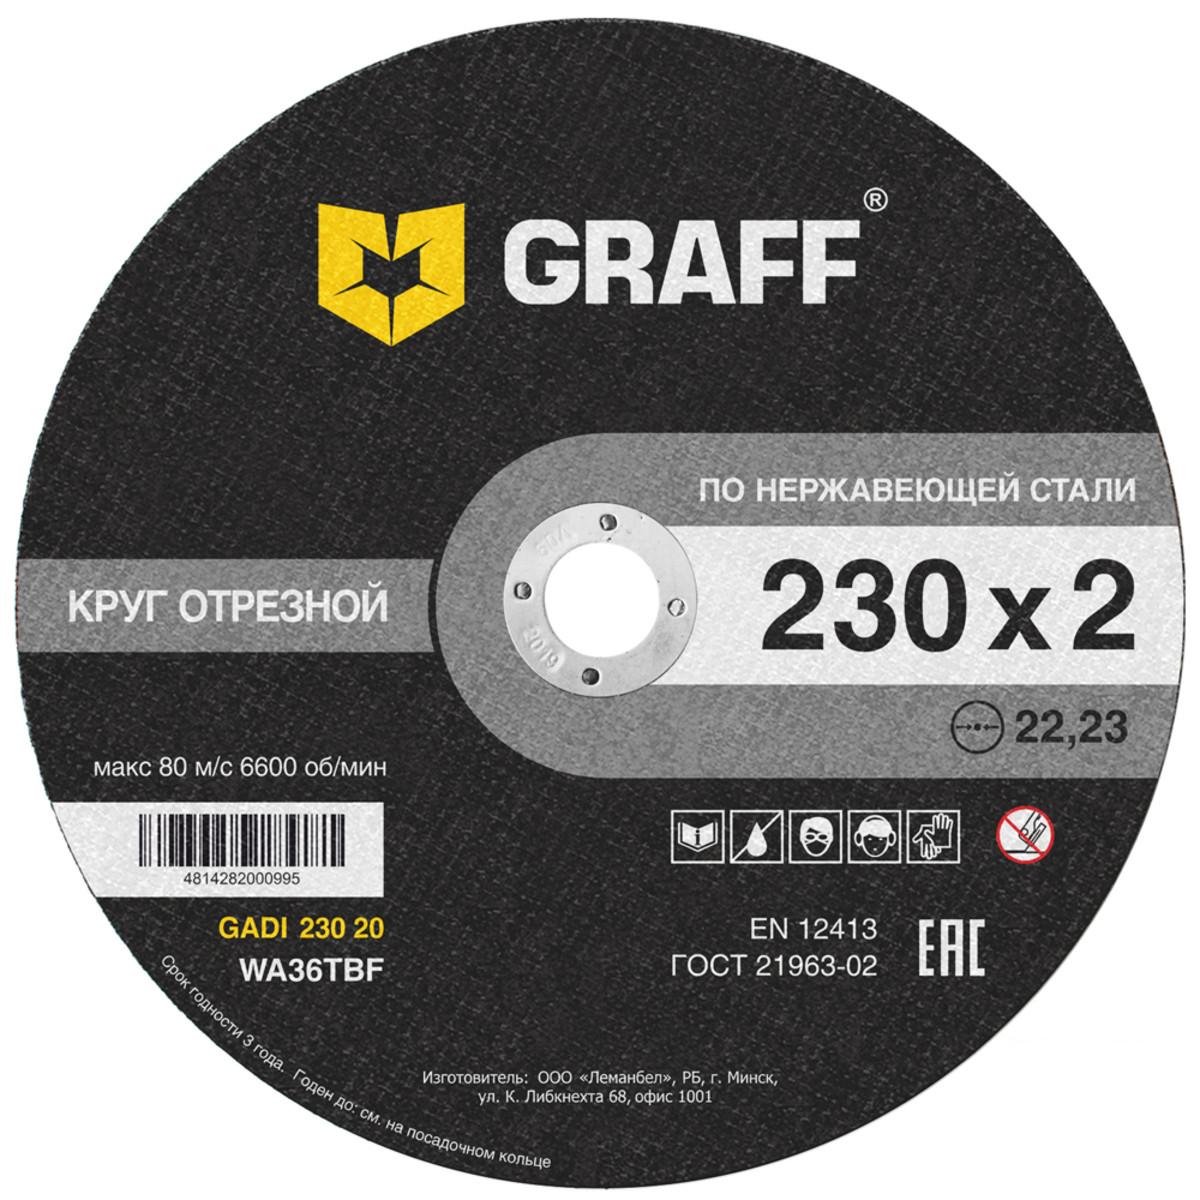 Круг абразивный для шлифмашин GRAFF 230x2.0x22.23 мм GADI 230 20